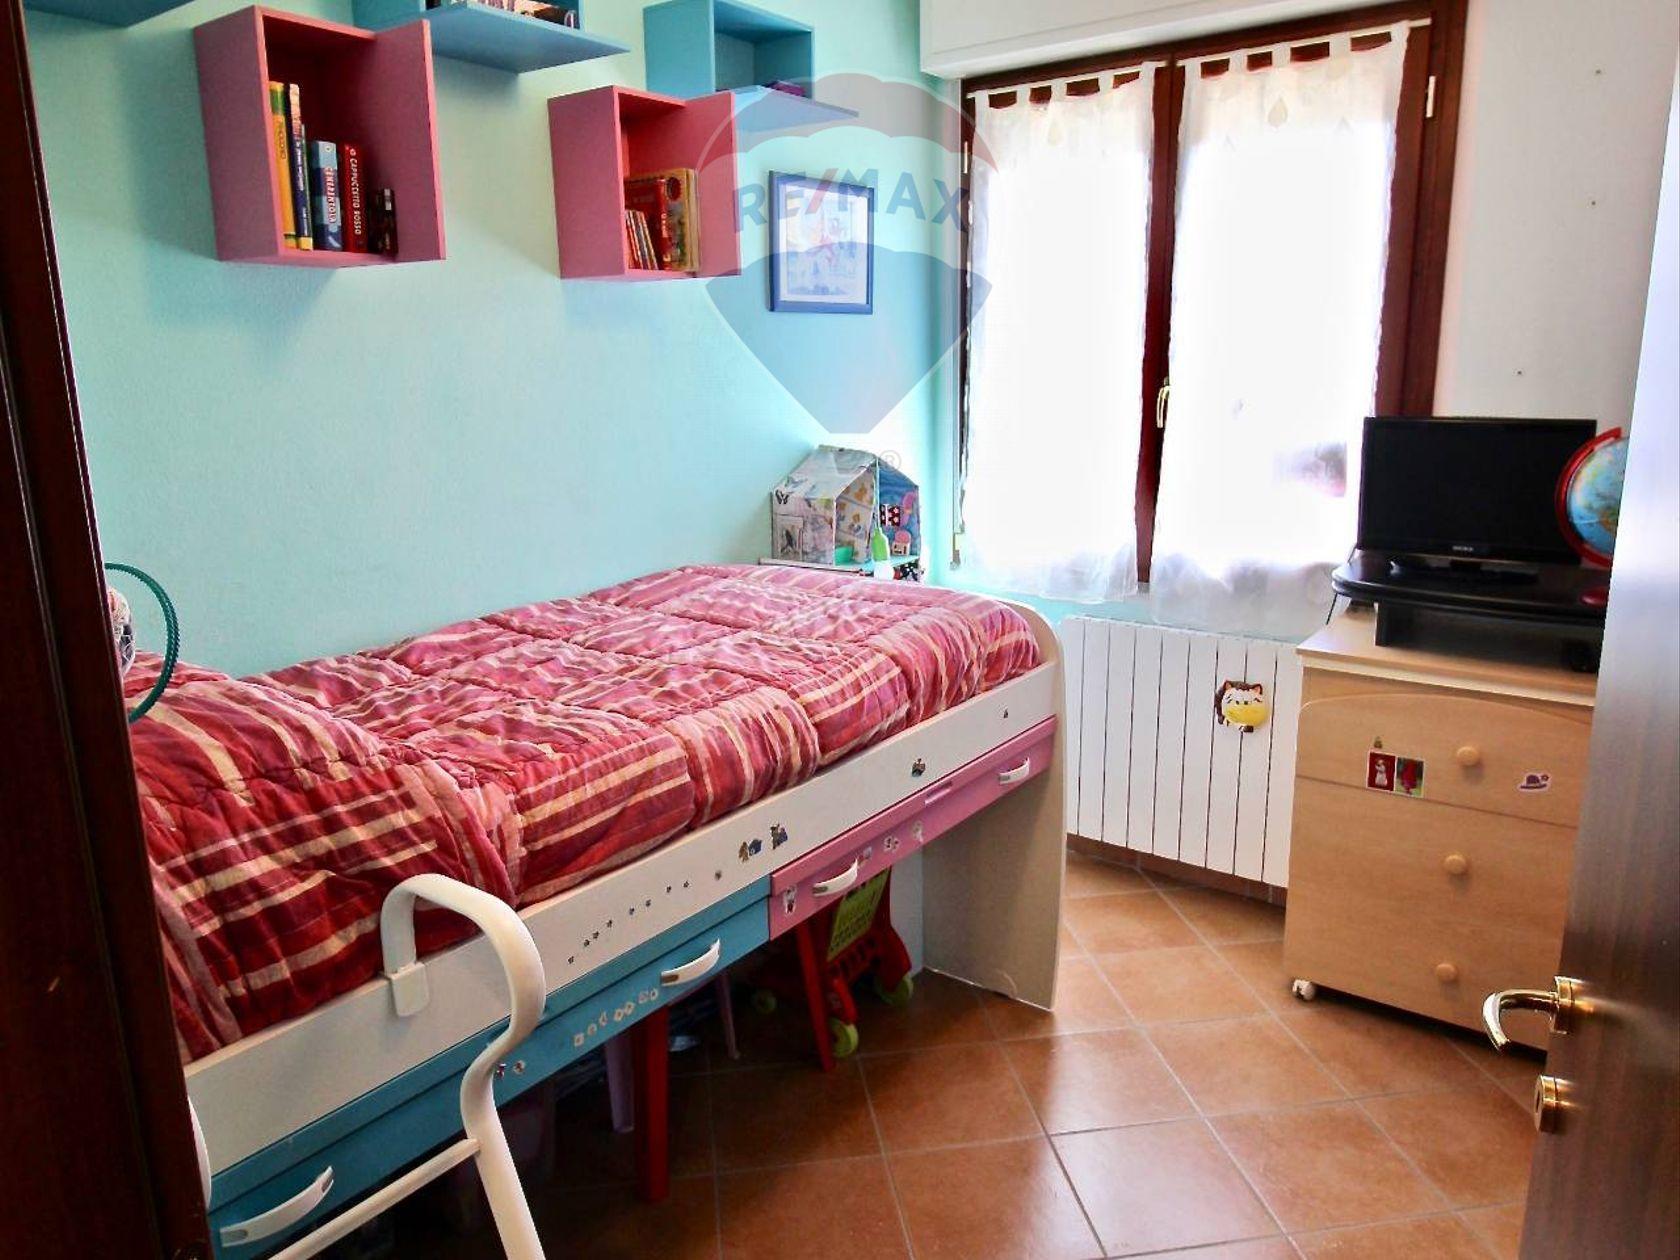 Appartamento Ss-sassari 2, Sassari, SS Vendita - Foto 27